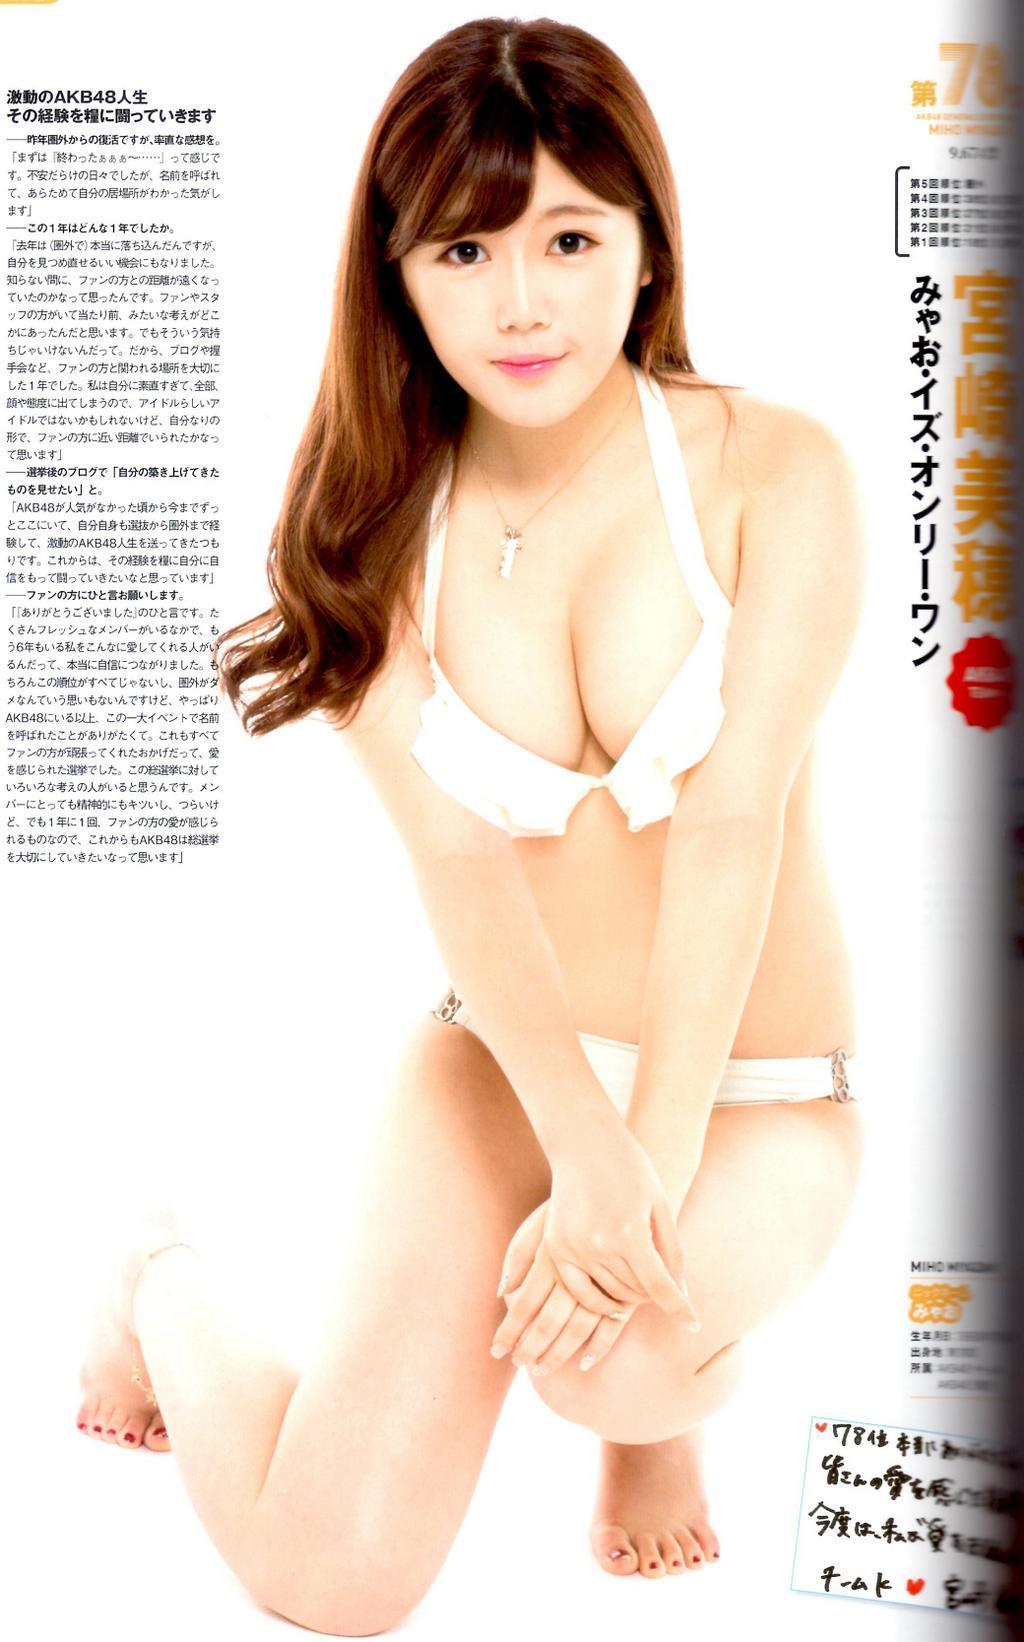 宮崎美穂の胸が大きすぎる 水着サプライズ